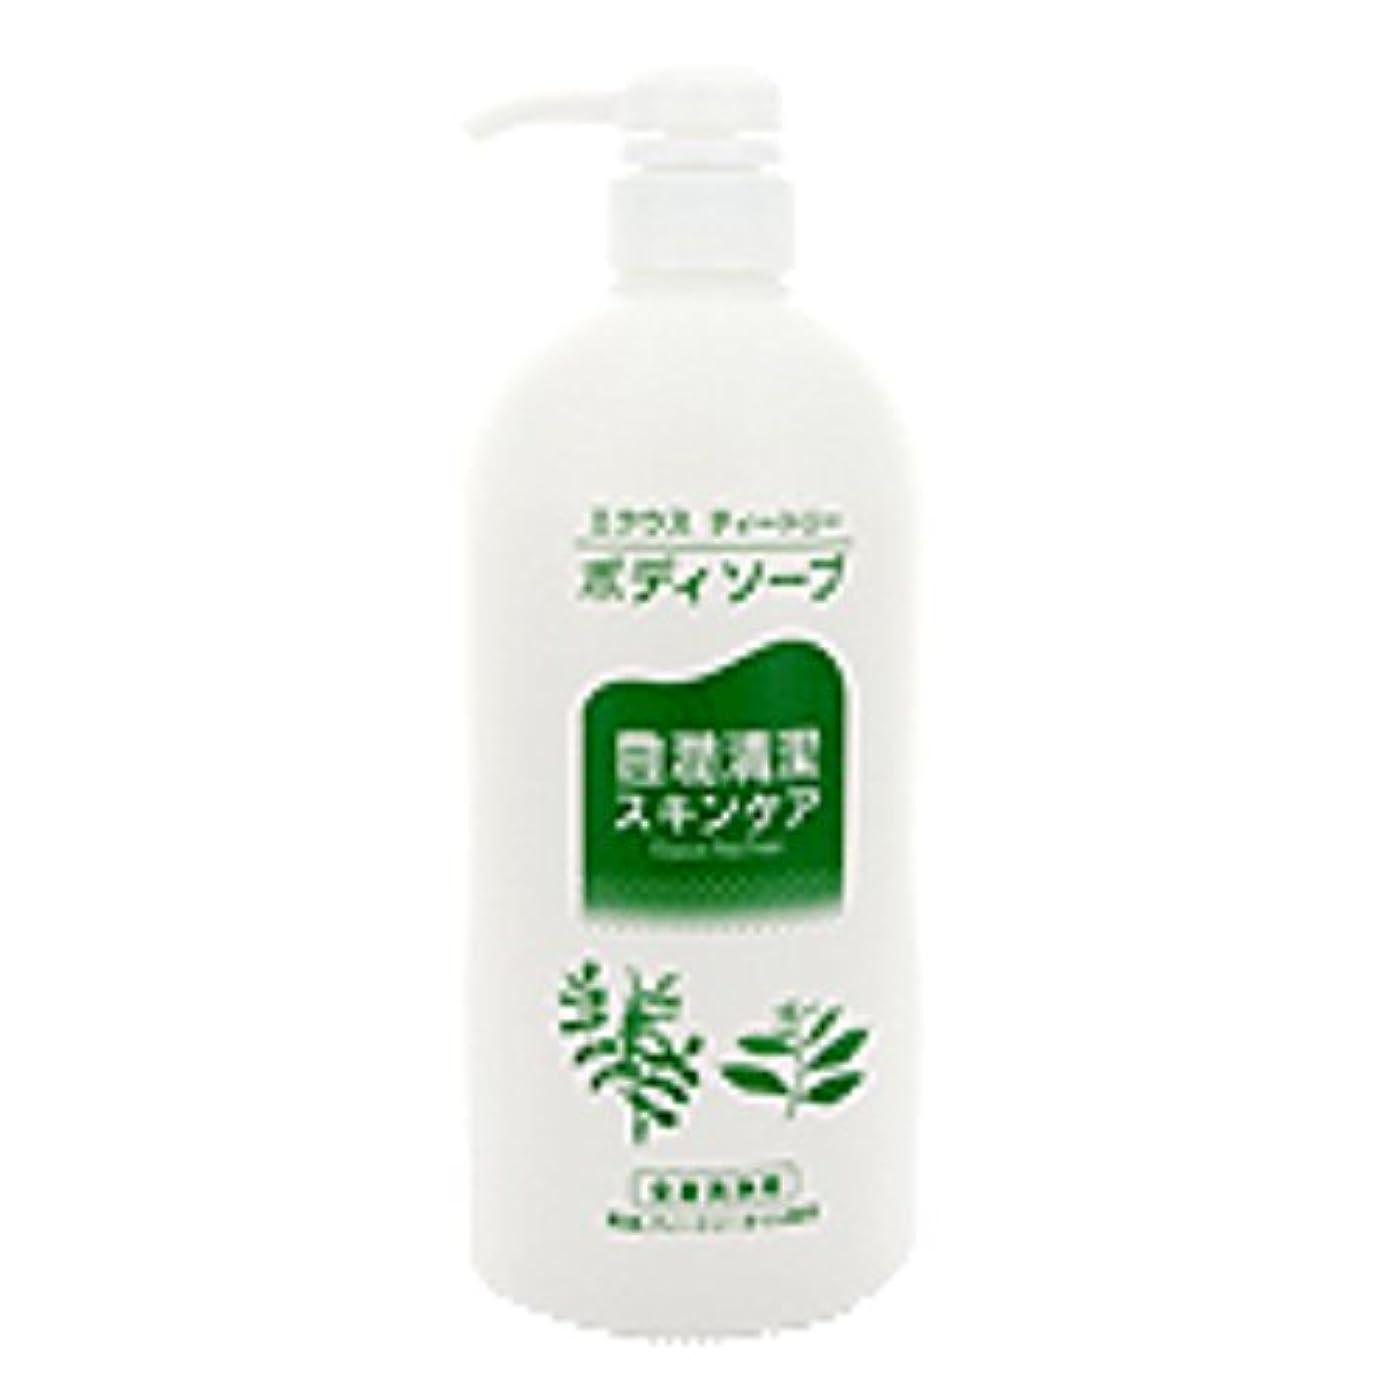 ケージ石鹸ゾーンエクウス ティートリー ボディソープ 5個 中央薬品 低刺激性スキンケア